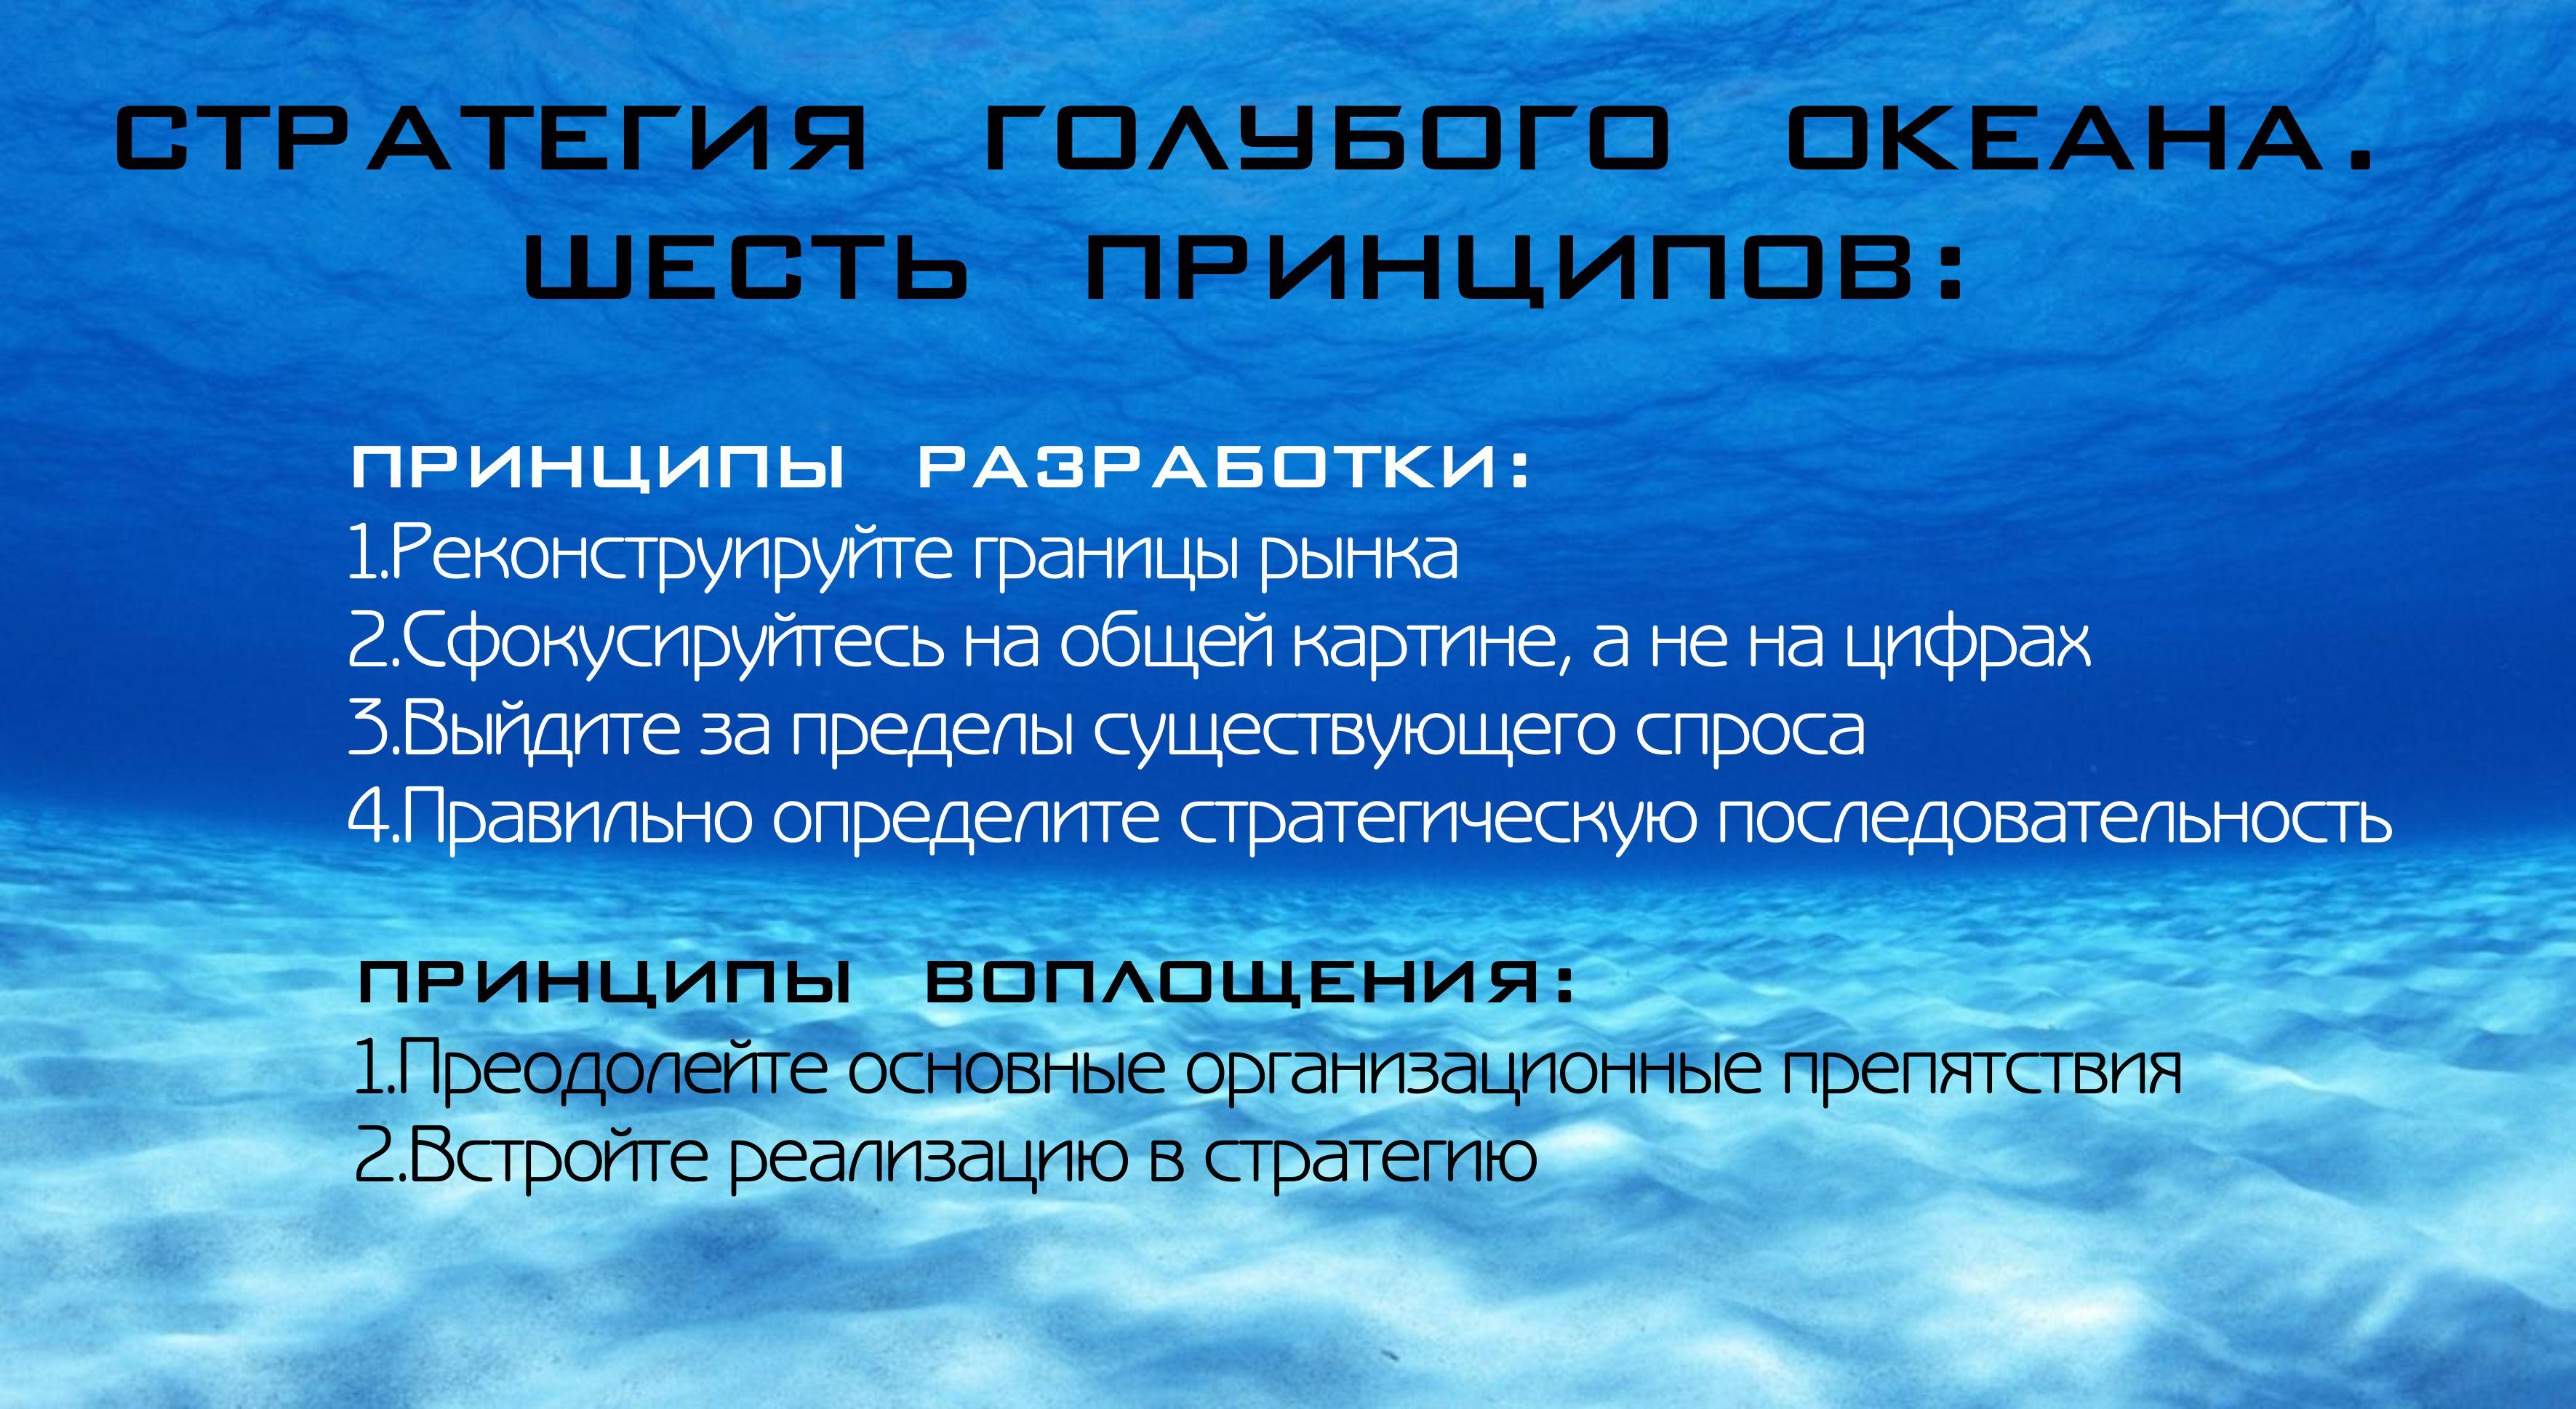 Основные принципы стратегии голубых океанов